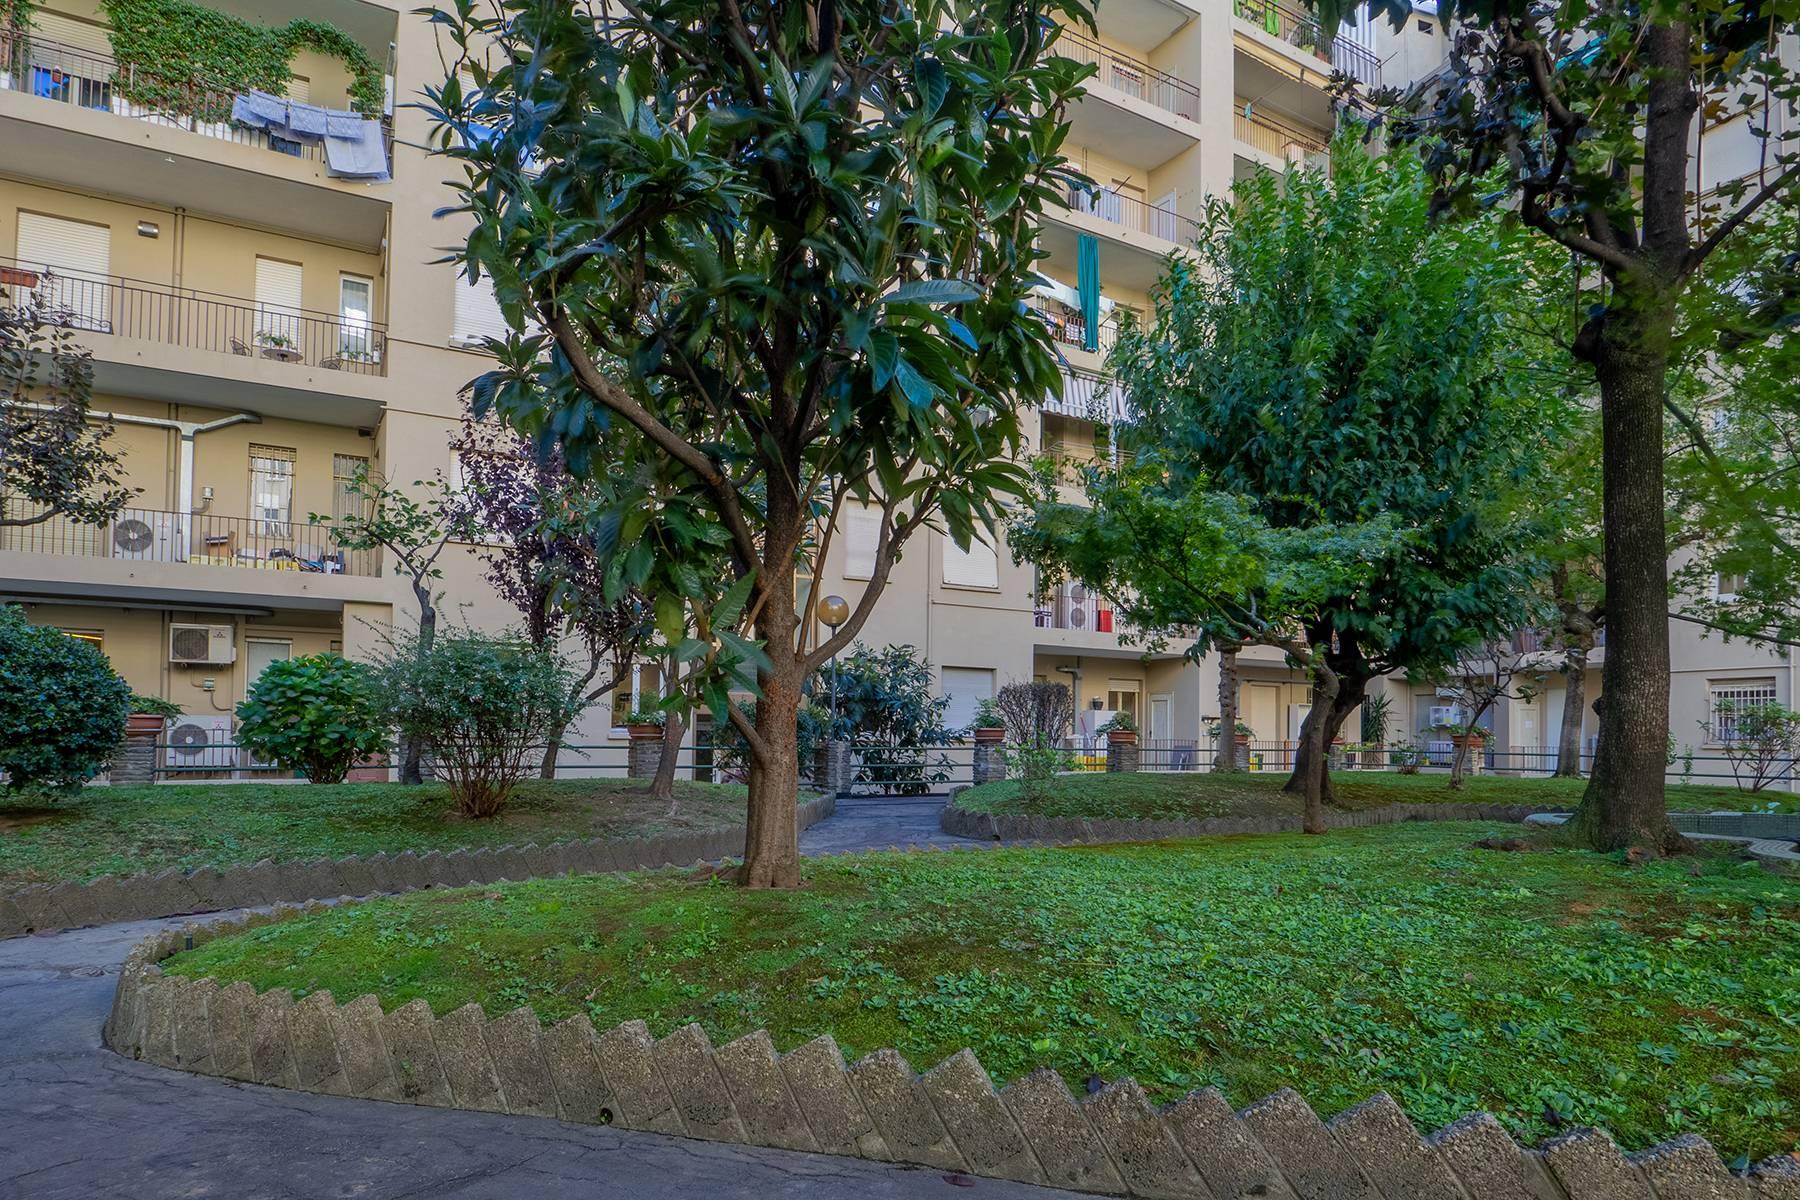 Ufficio-studio in Vendita a Torino: 2 locali, 89 mq - Foto 7